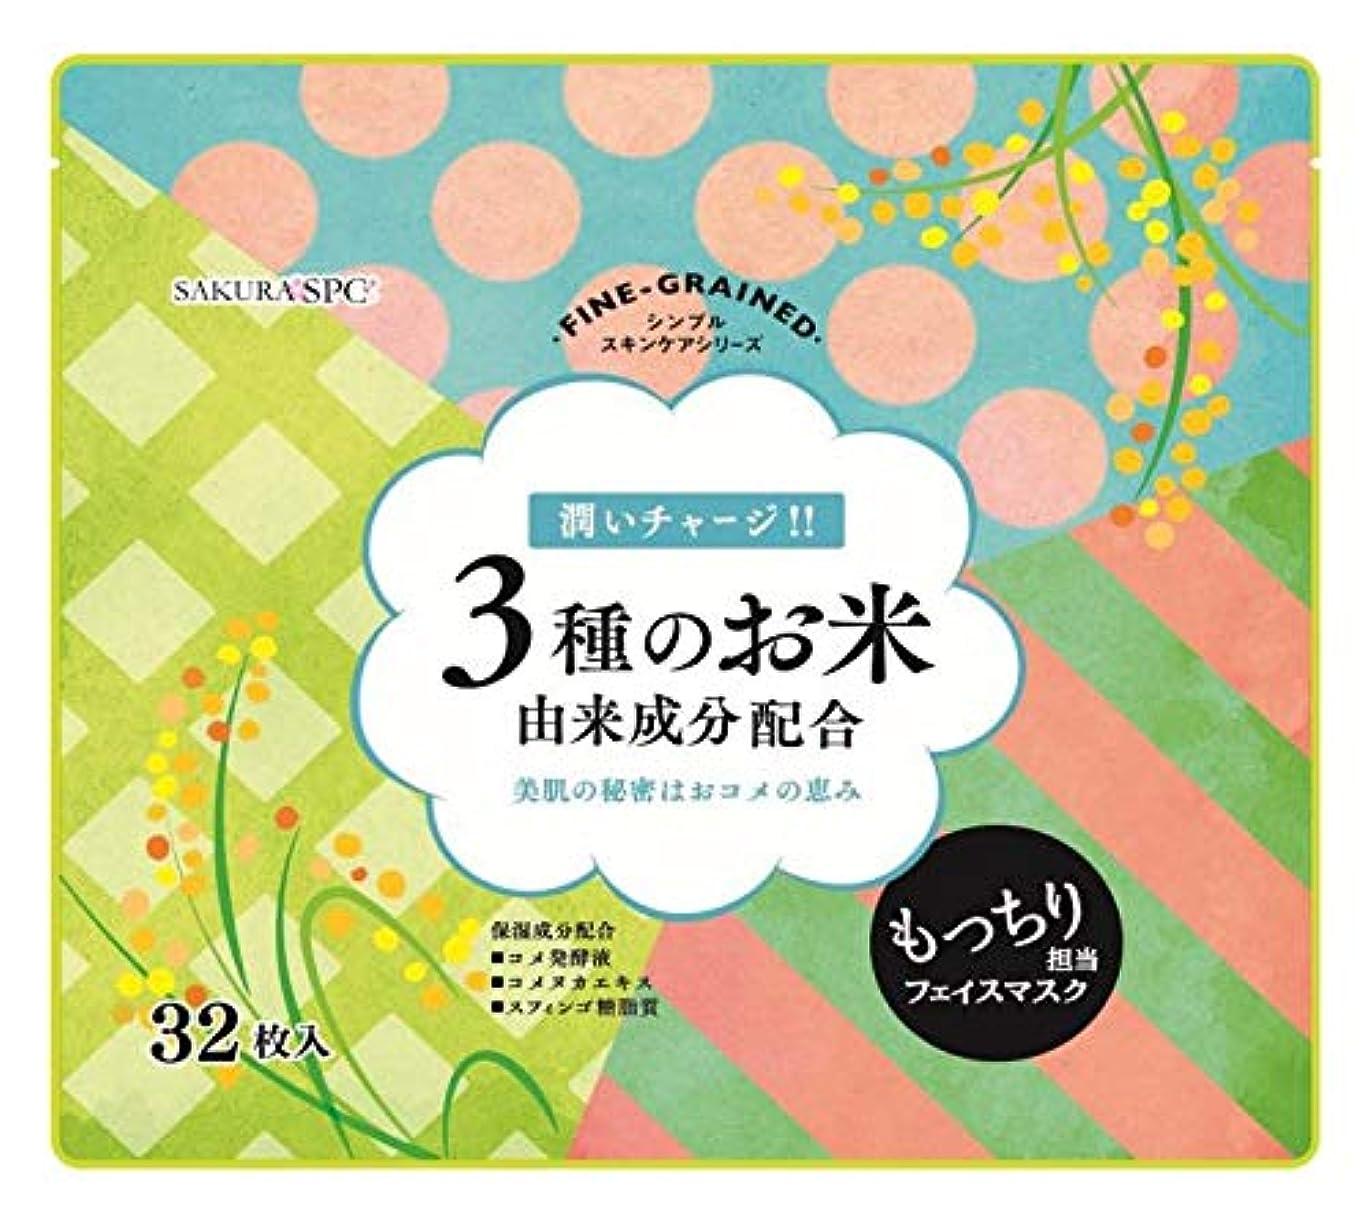 検出器祝福海賊3種のお米 由来成分配合 フェイス マスク 32枚入り (FINE GRAINED) シンプルスキンケアシリーズ